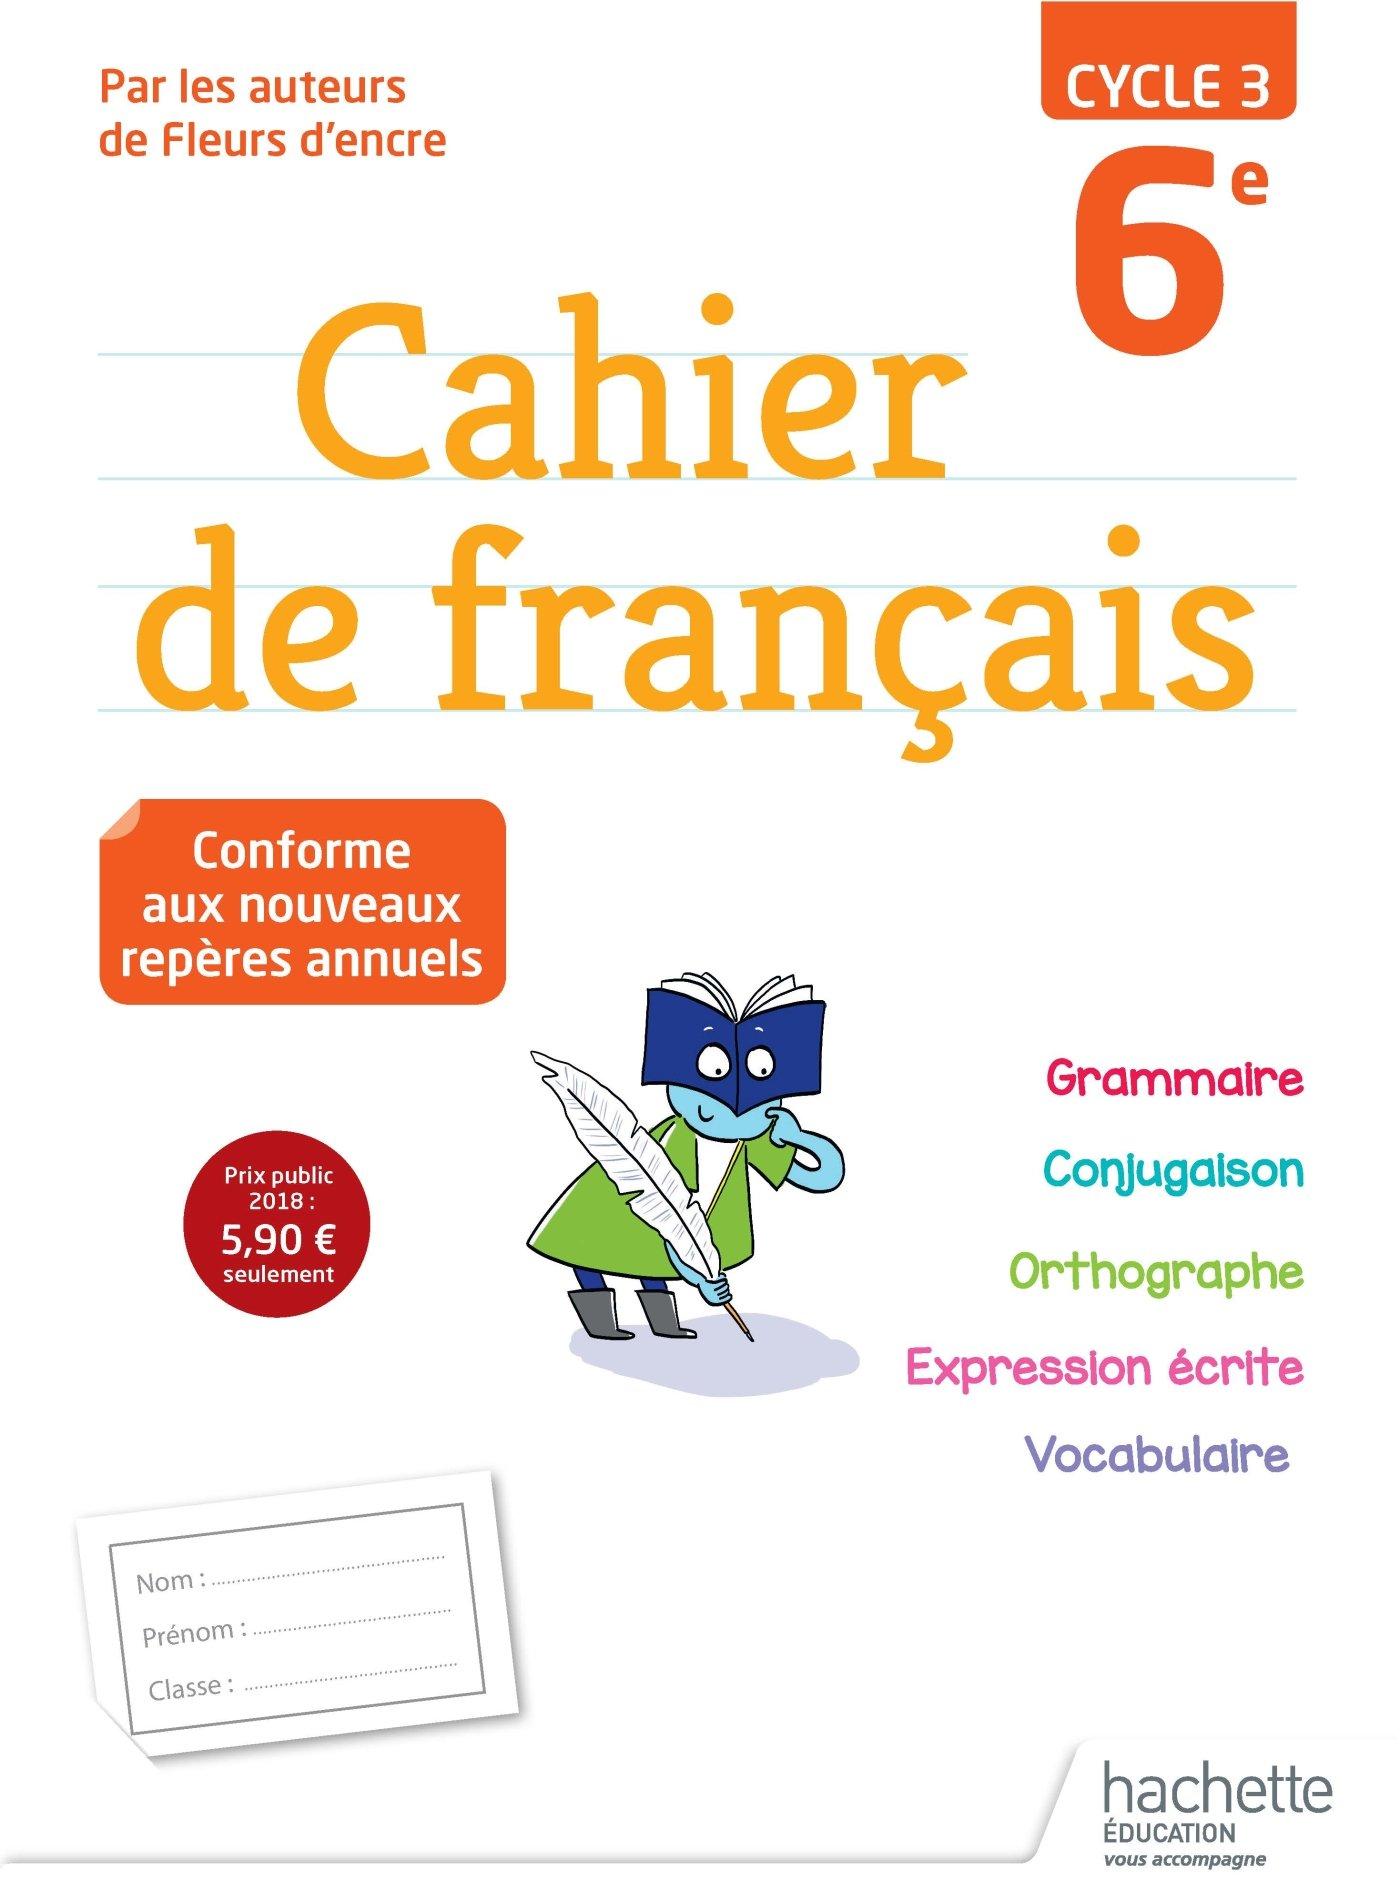 Cahier de français cycle 3 / 6e - Ed. 2018 Broché – 5 septembre 2018 Chantal Bertagna Carrier Hachette Éducation 2013953461